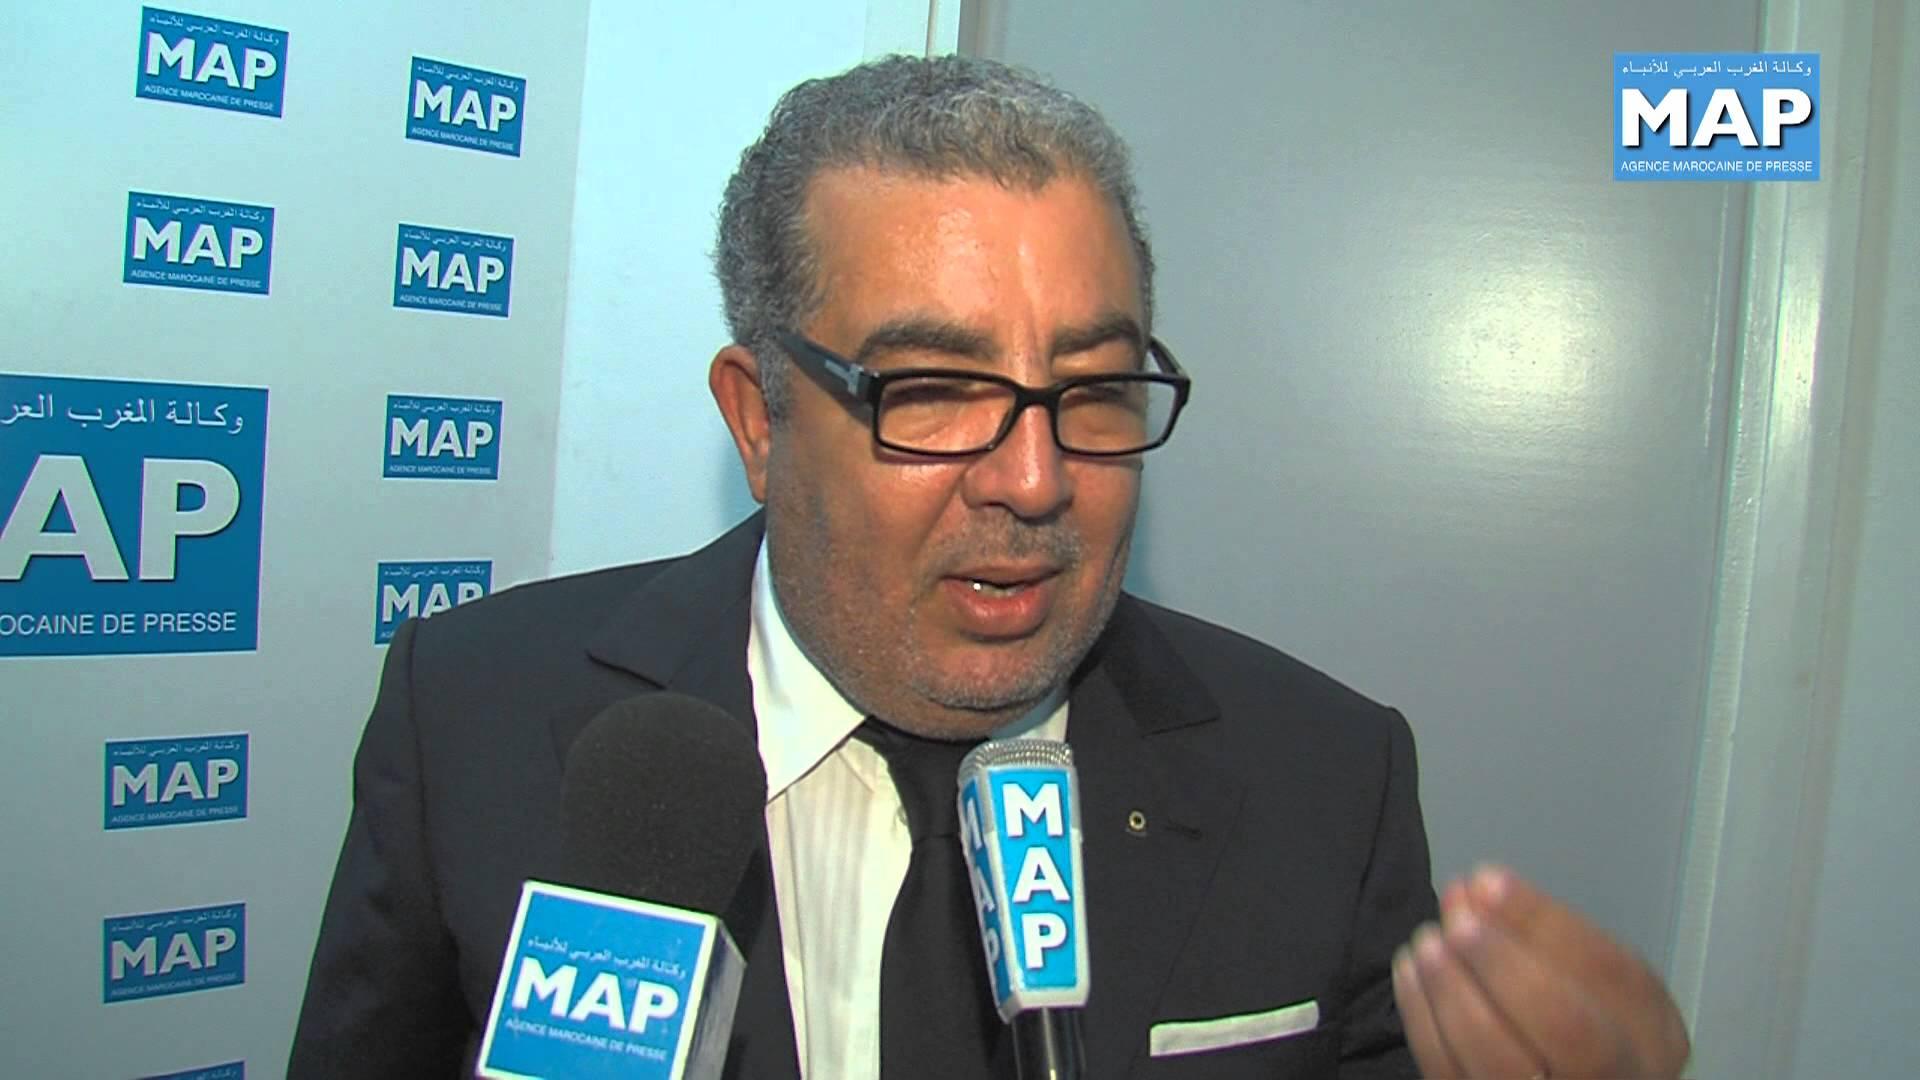 """وكالة المغربي العربي للأنباء لصاحبها الهاشمي تخطئ في اسم الملك وتكتب """" محمد السادات"""""""